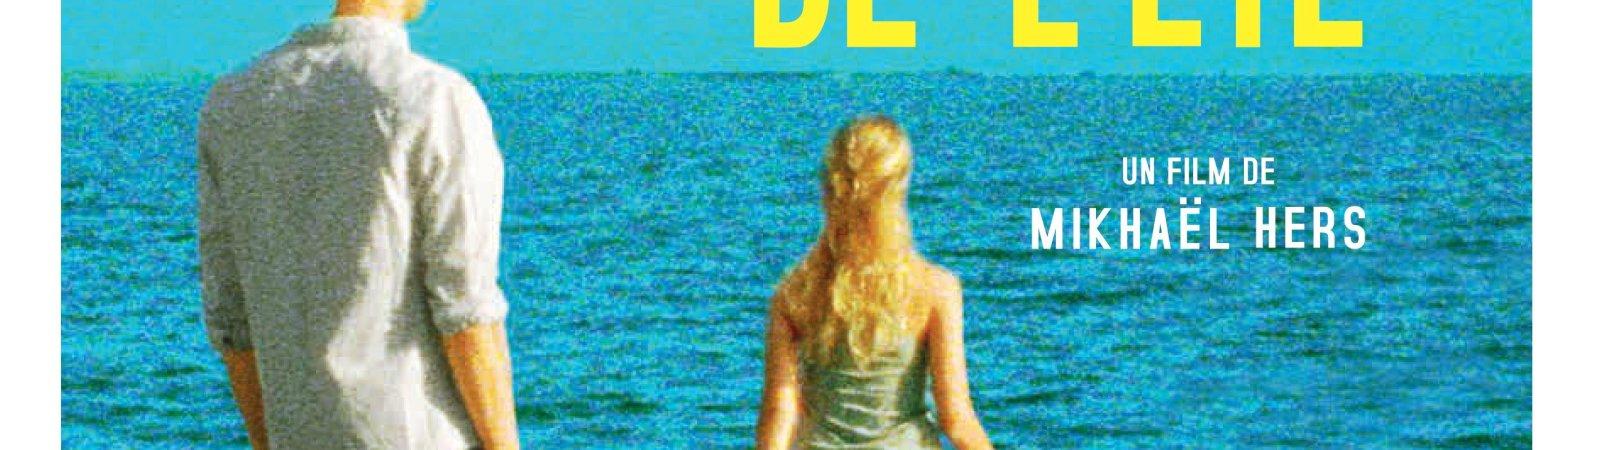 Photo dernier film Lana Cooper